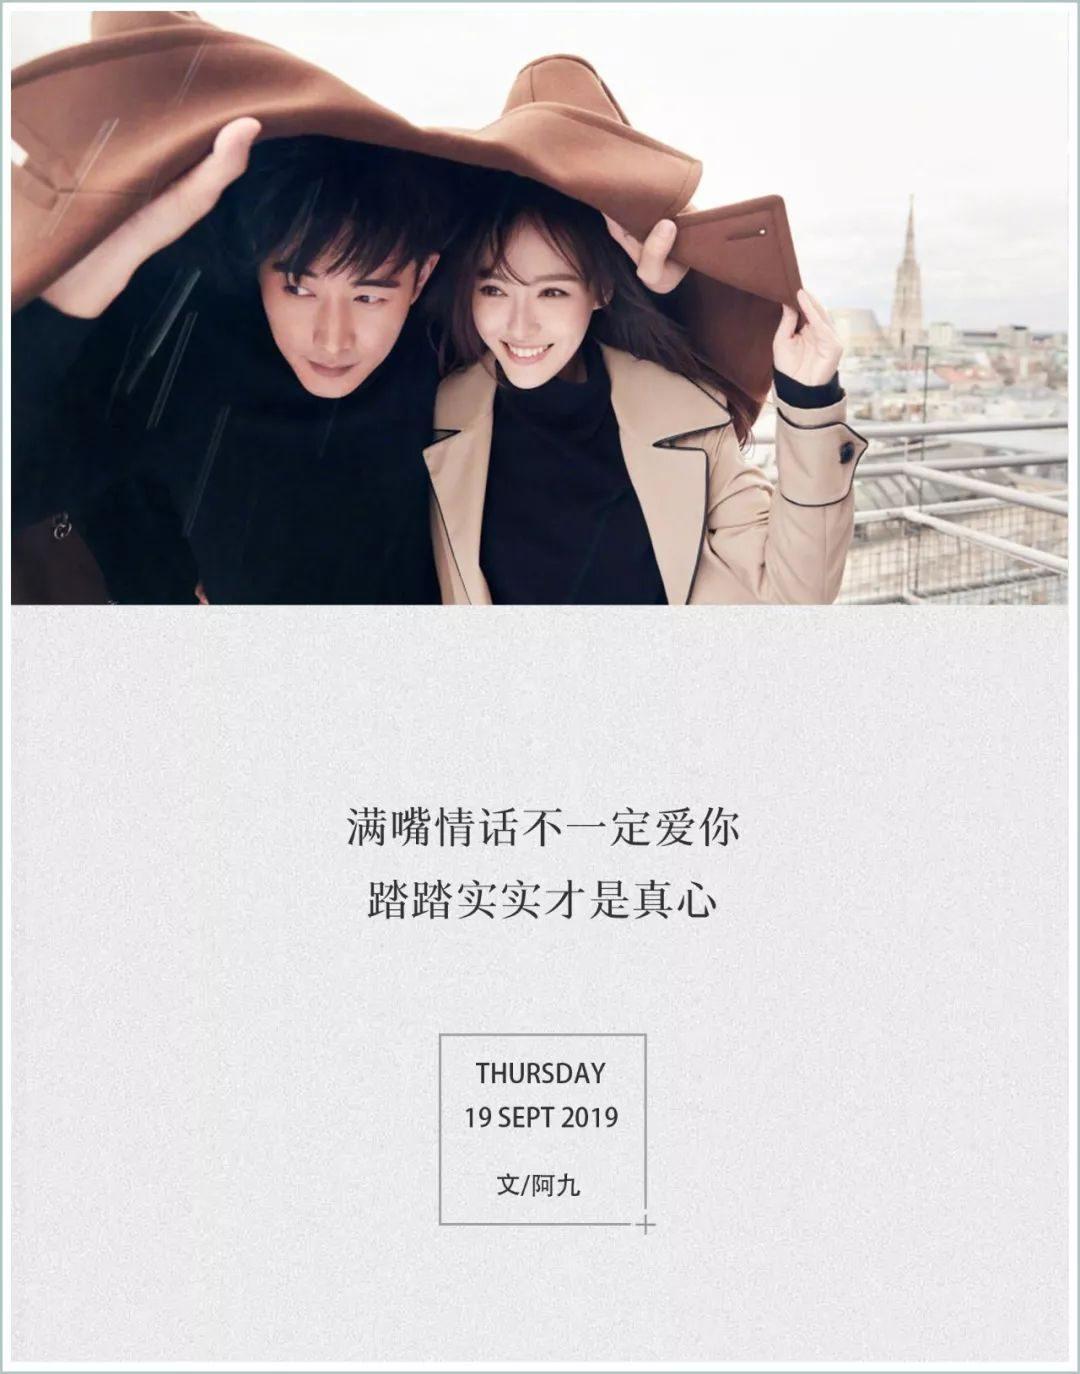 唐嫣怀孕,李荣浩结婚:真正的爱情,多的是细水长流。